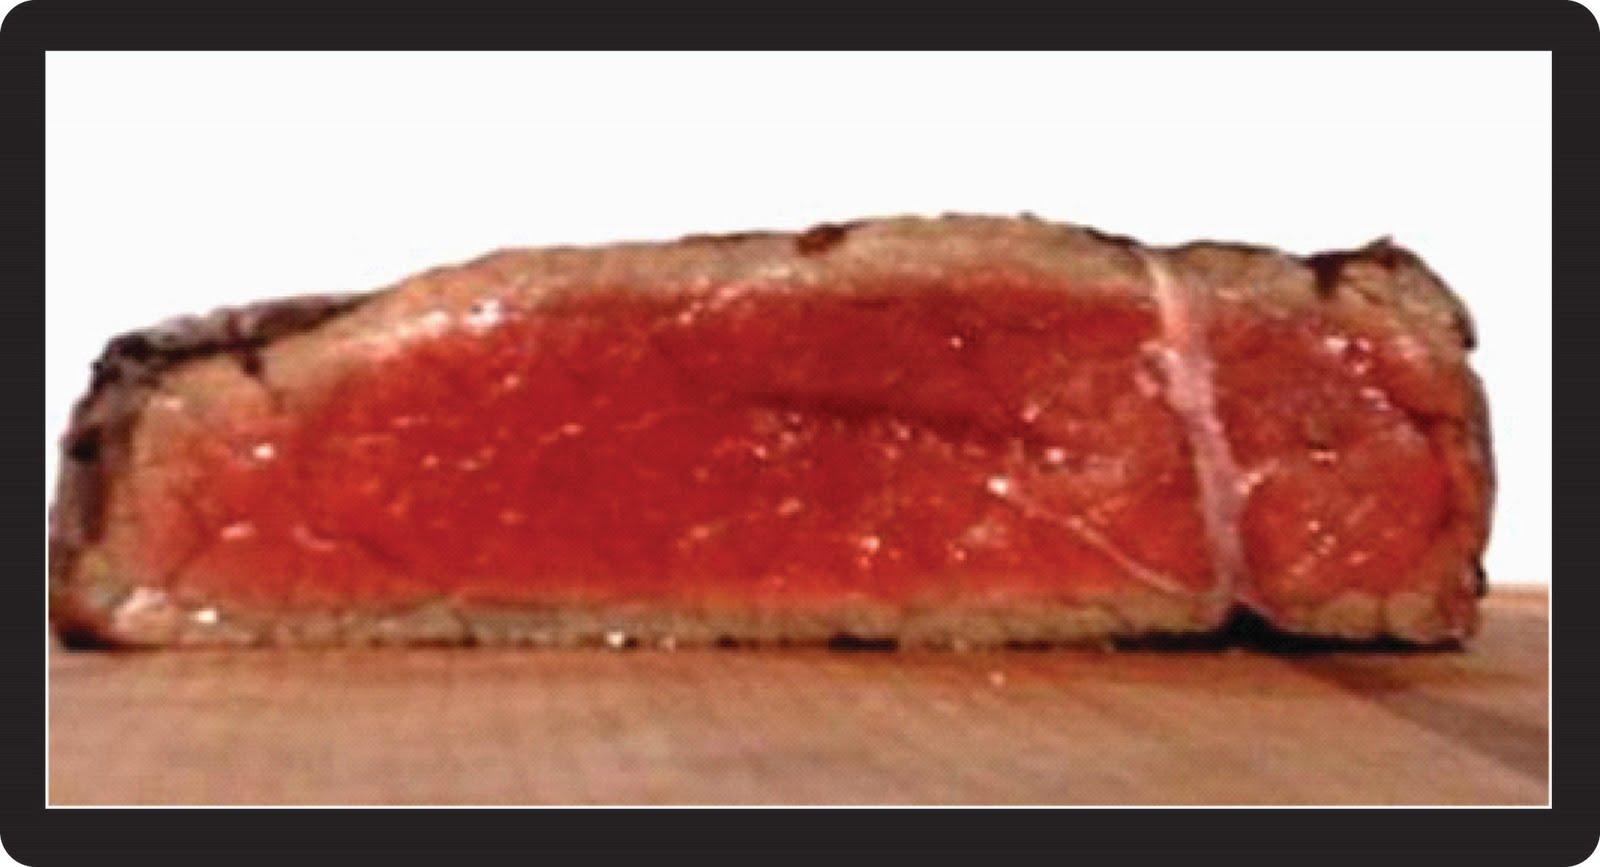 Steak Medium Rare Temperature